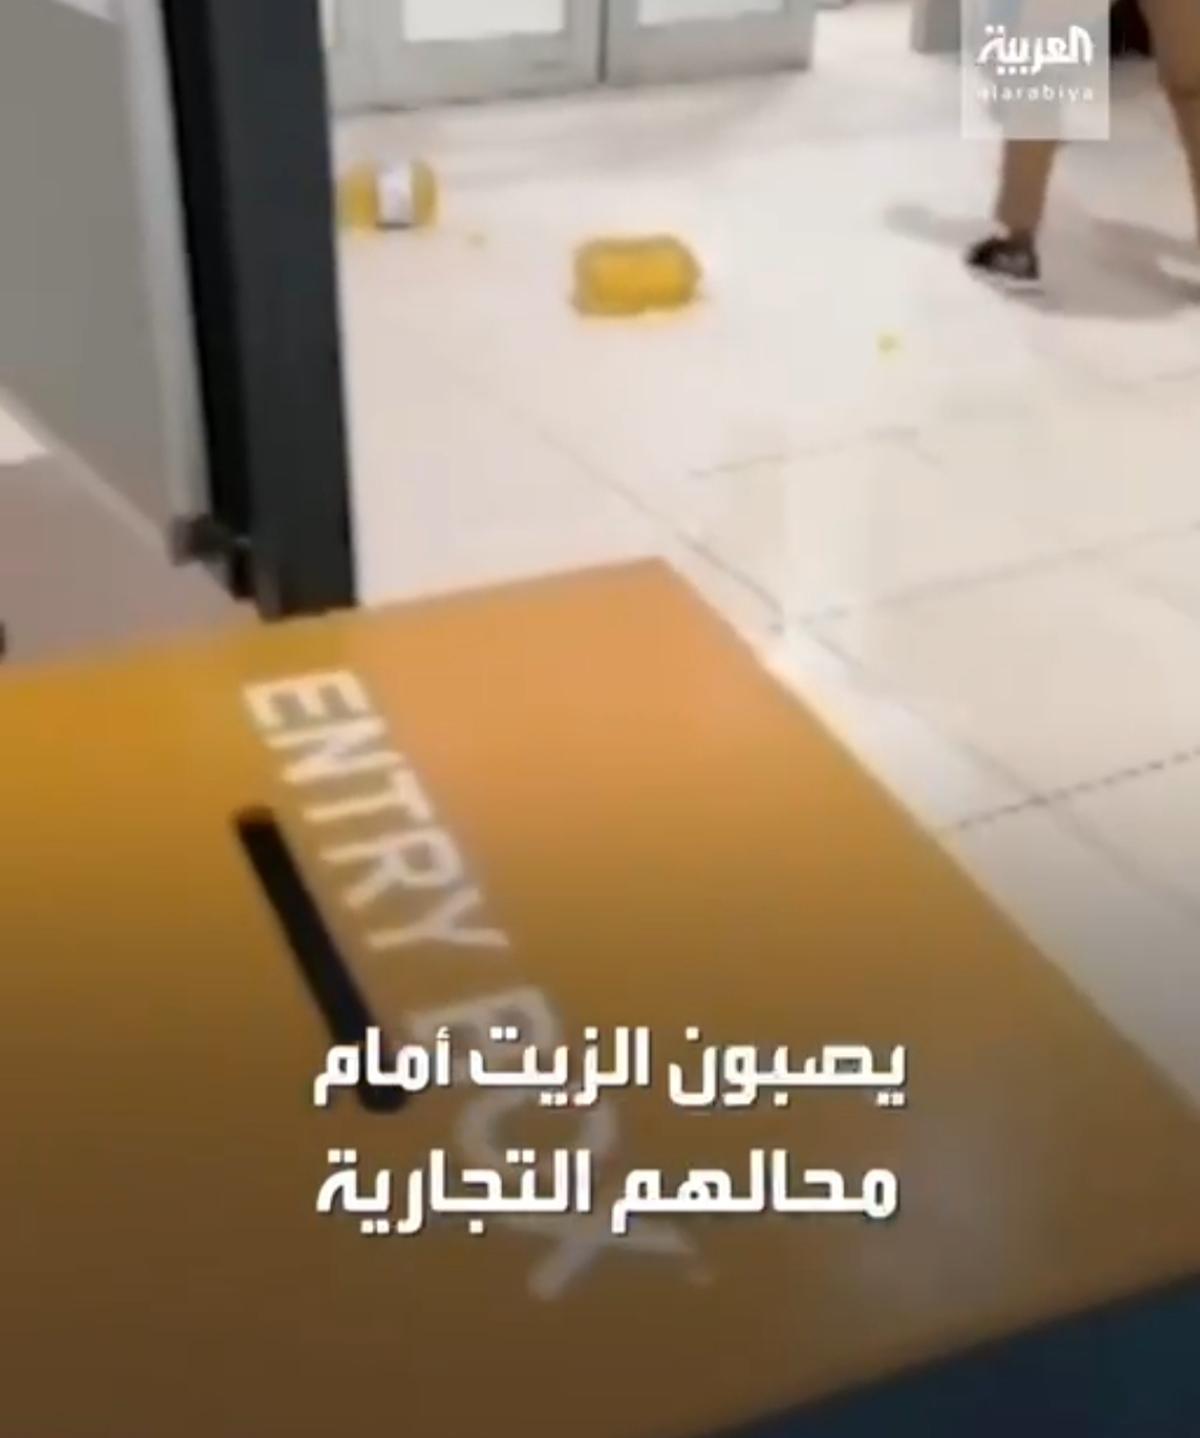 لغزنده کردن خروجی یک فروشگاه با روغن برای جلوگیری از فرار سارقین کالا + ویدئو